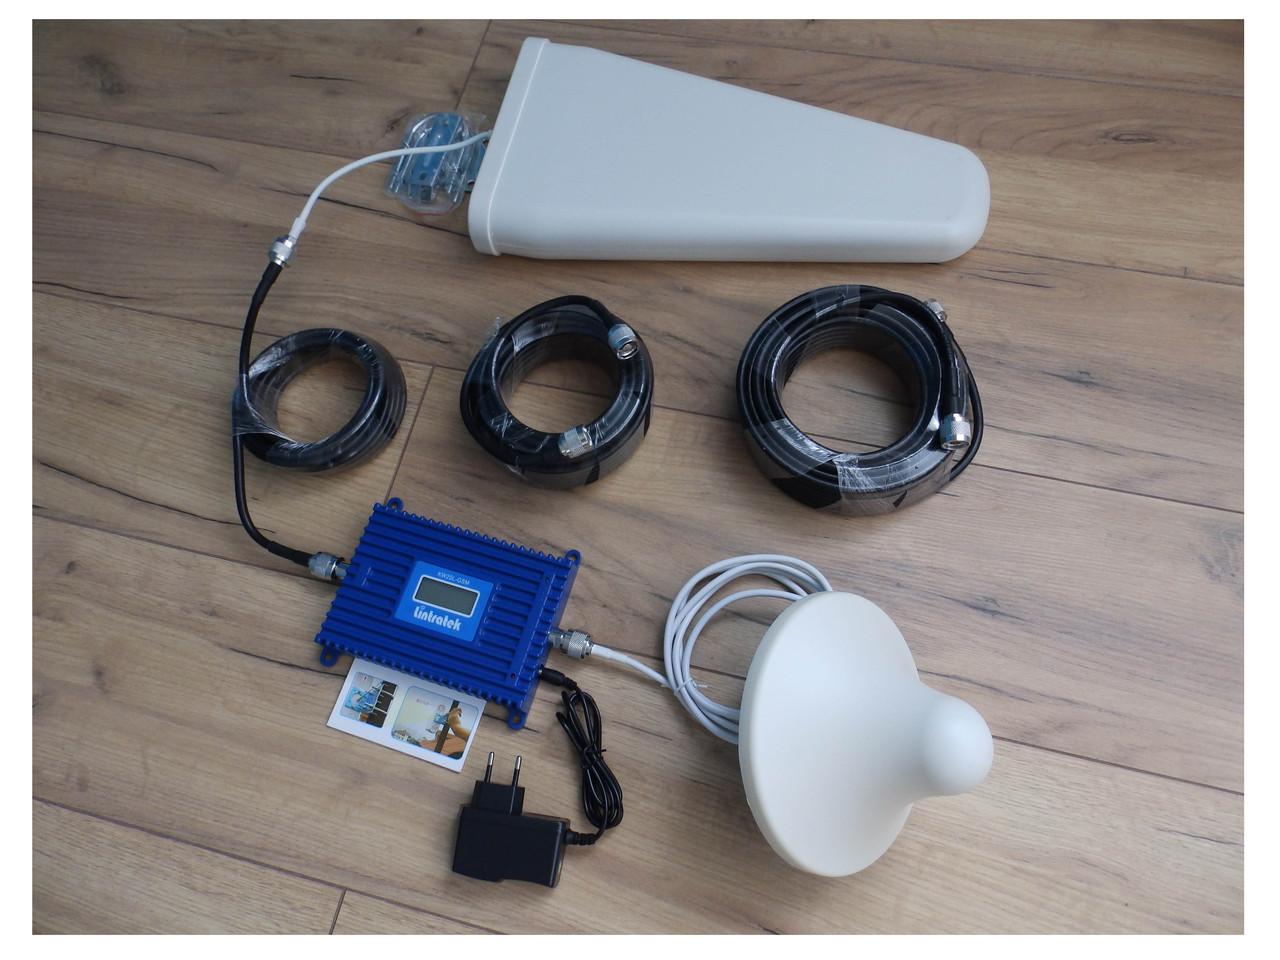 GSM усилитель сигнала репитер Lintratek KW20L-DCS 1800 комплект Оригинал +Подарок +Скидка